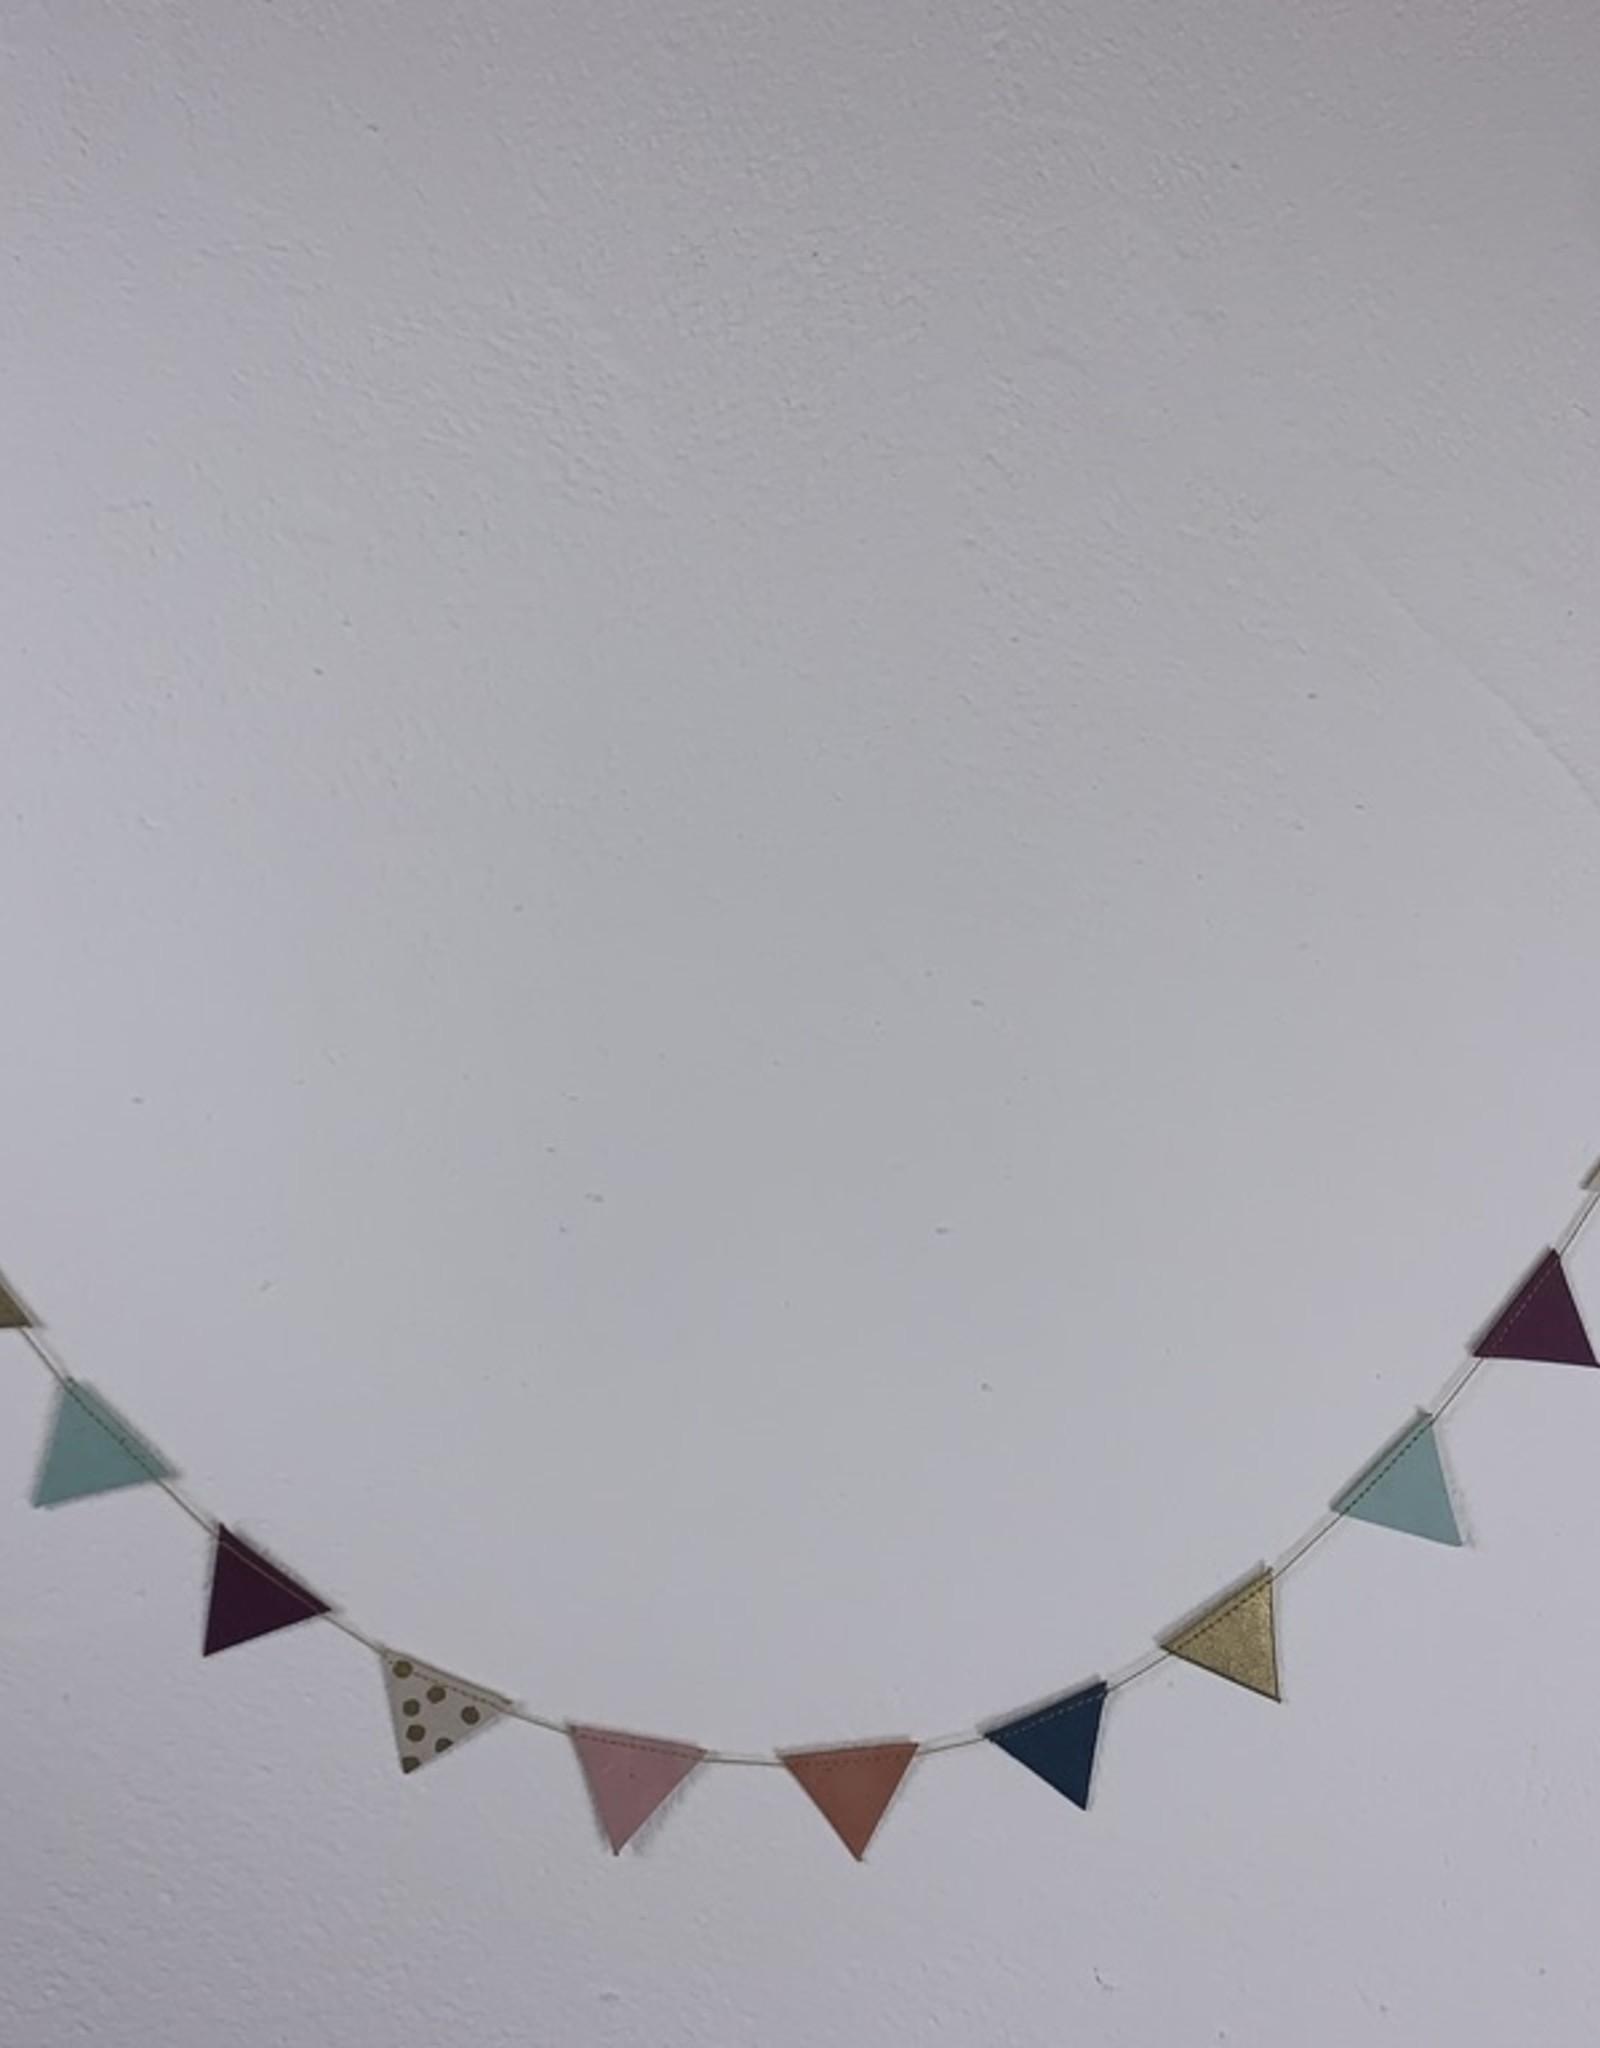 Girlande Dreieck klein Handgeschöpftes Papier